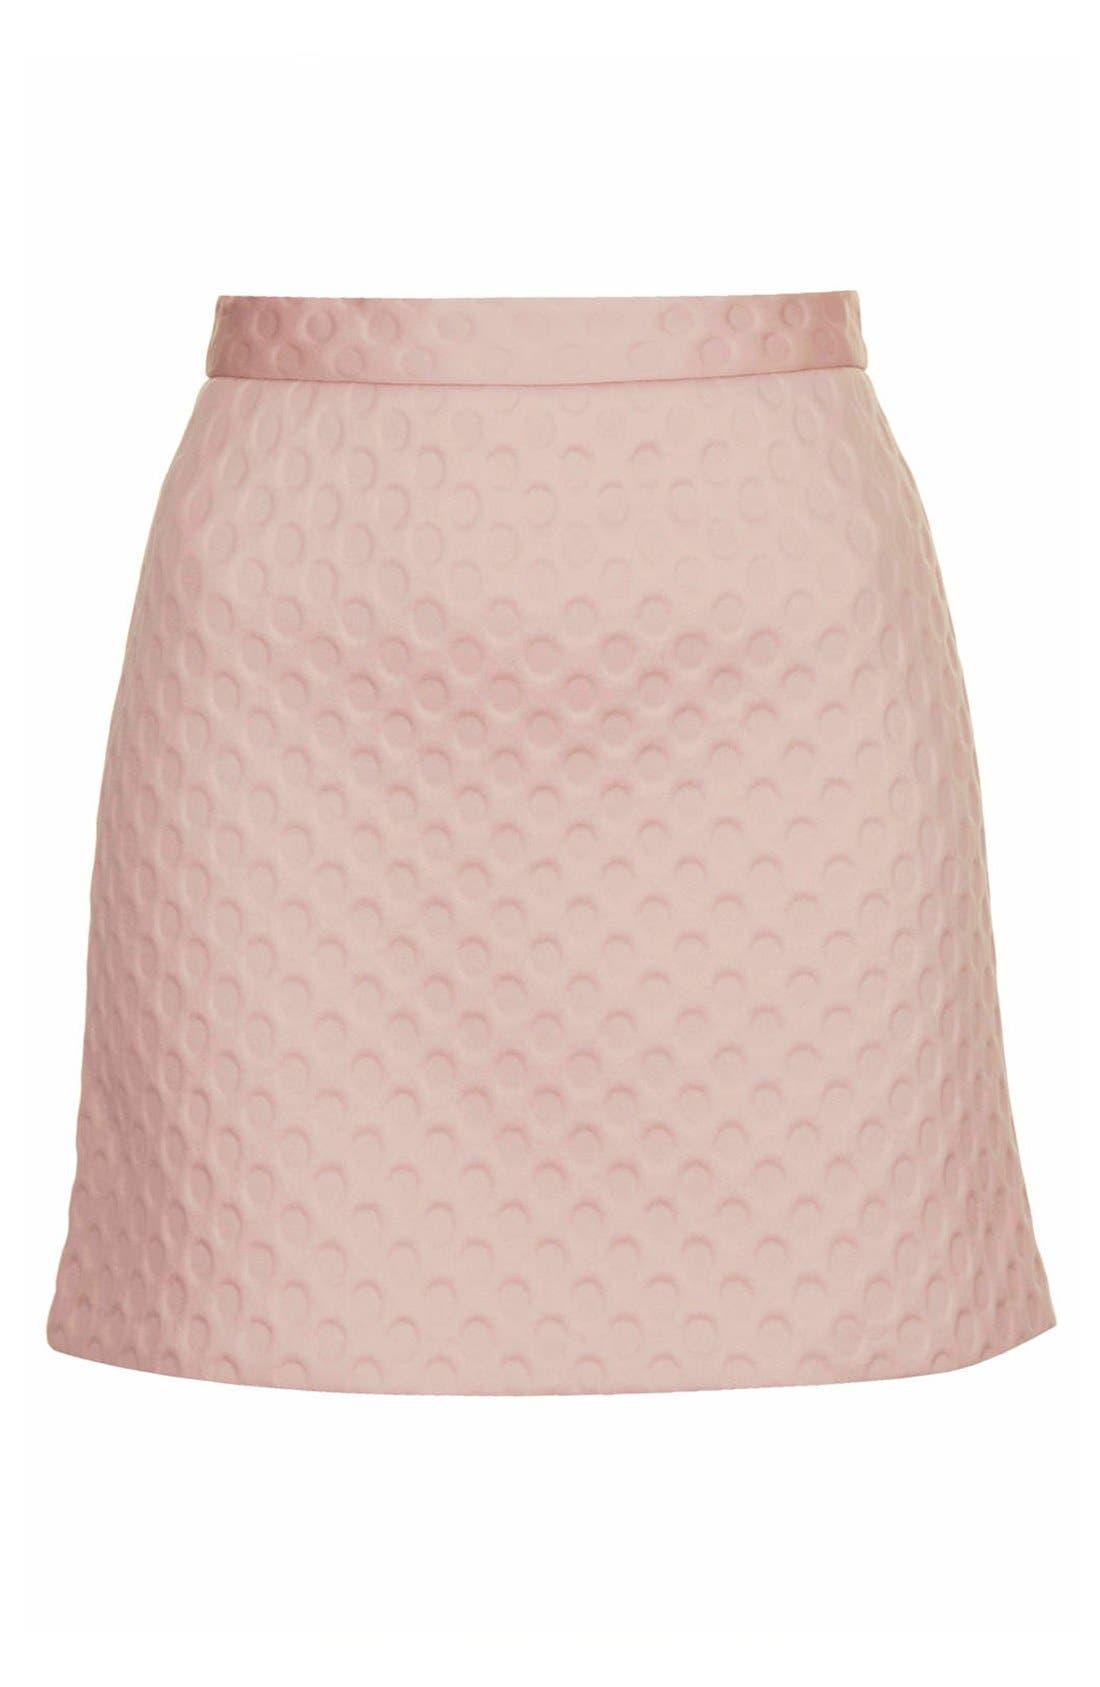 Alternate Image 3  - Topshop 'Foam Spot' Embossed Miniskirt